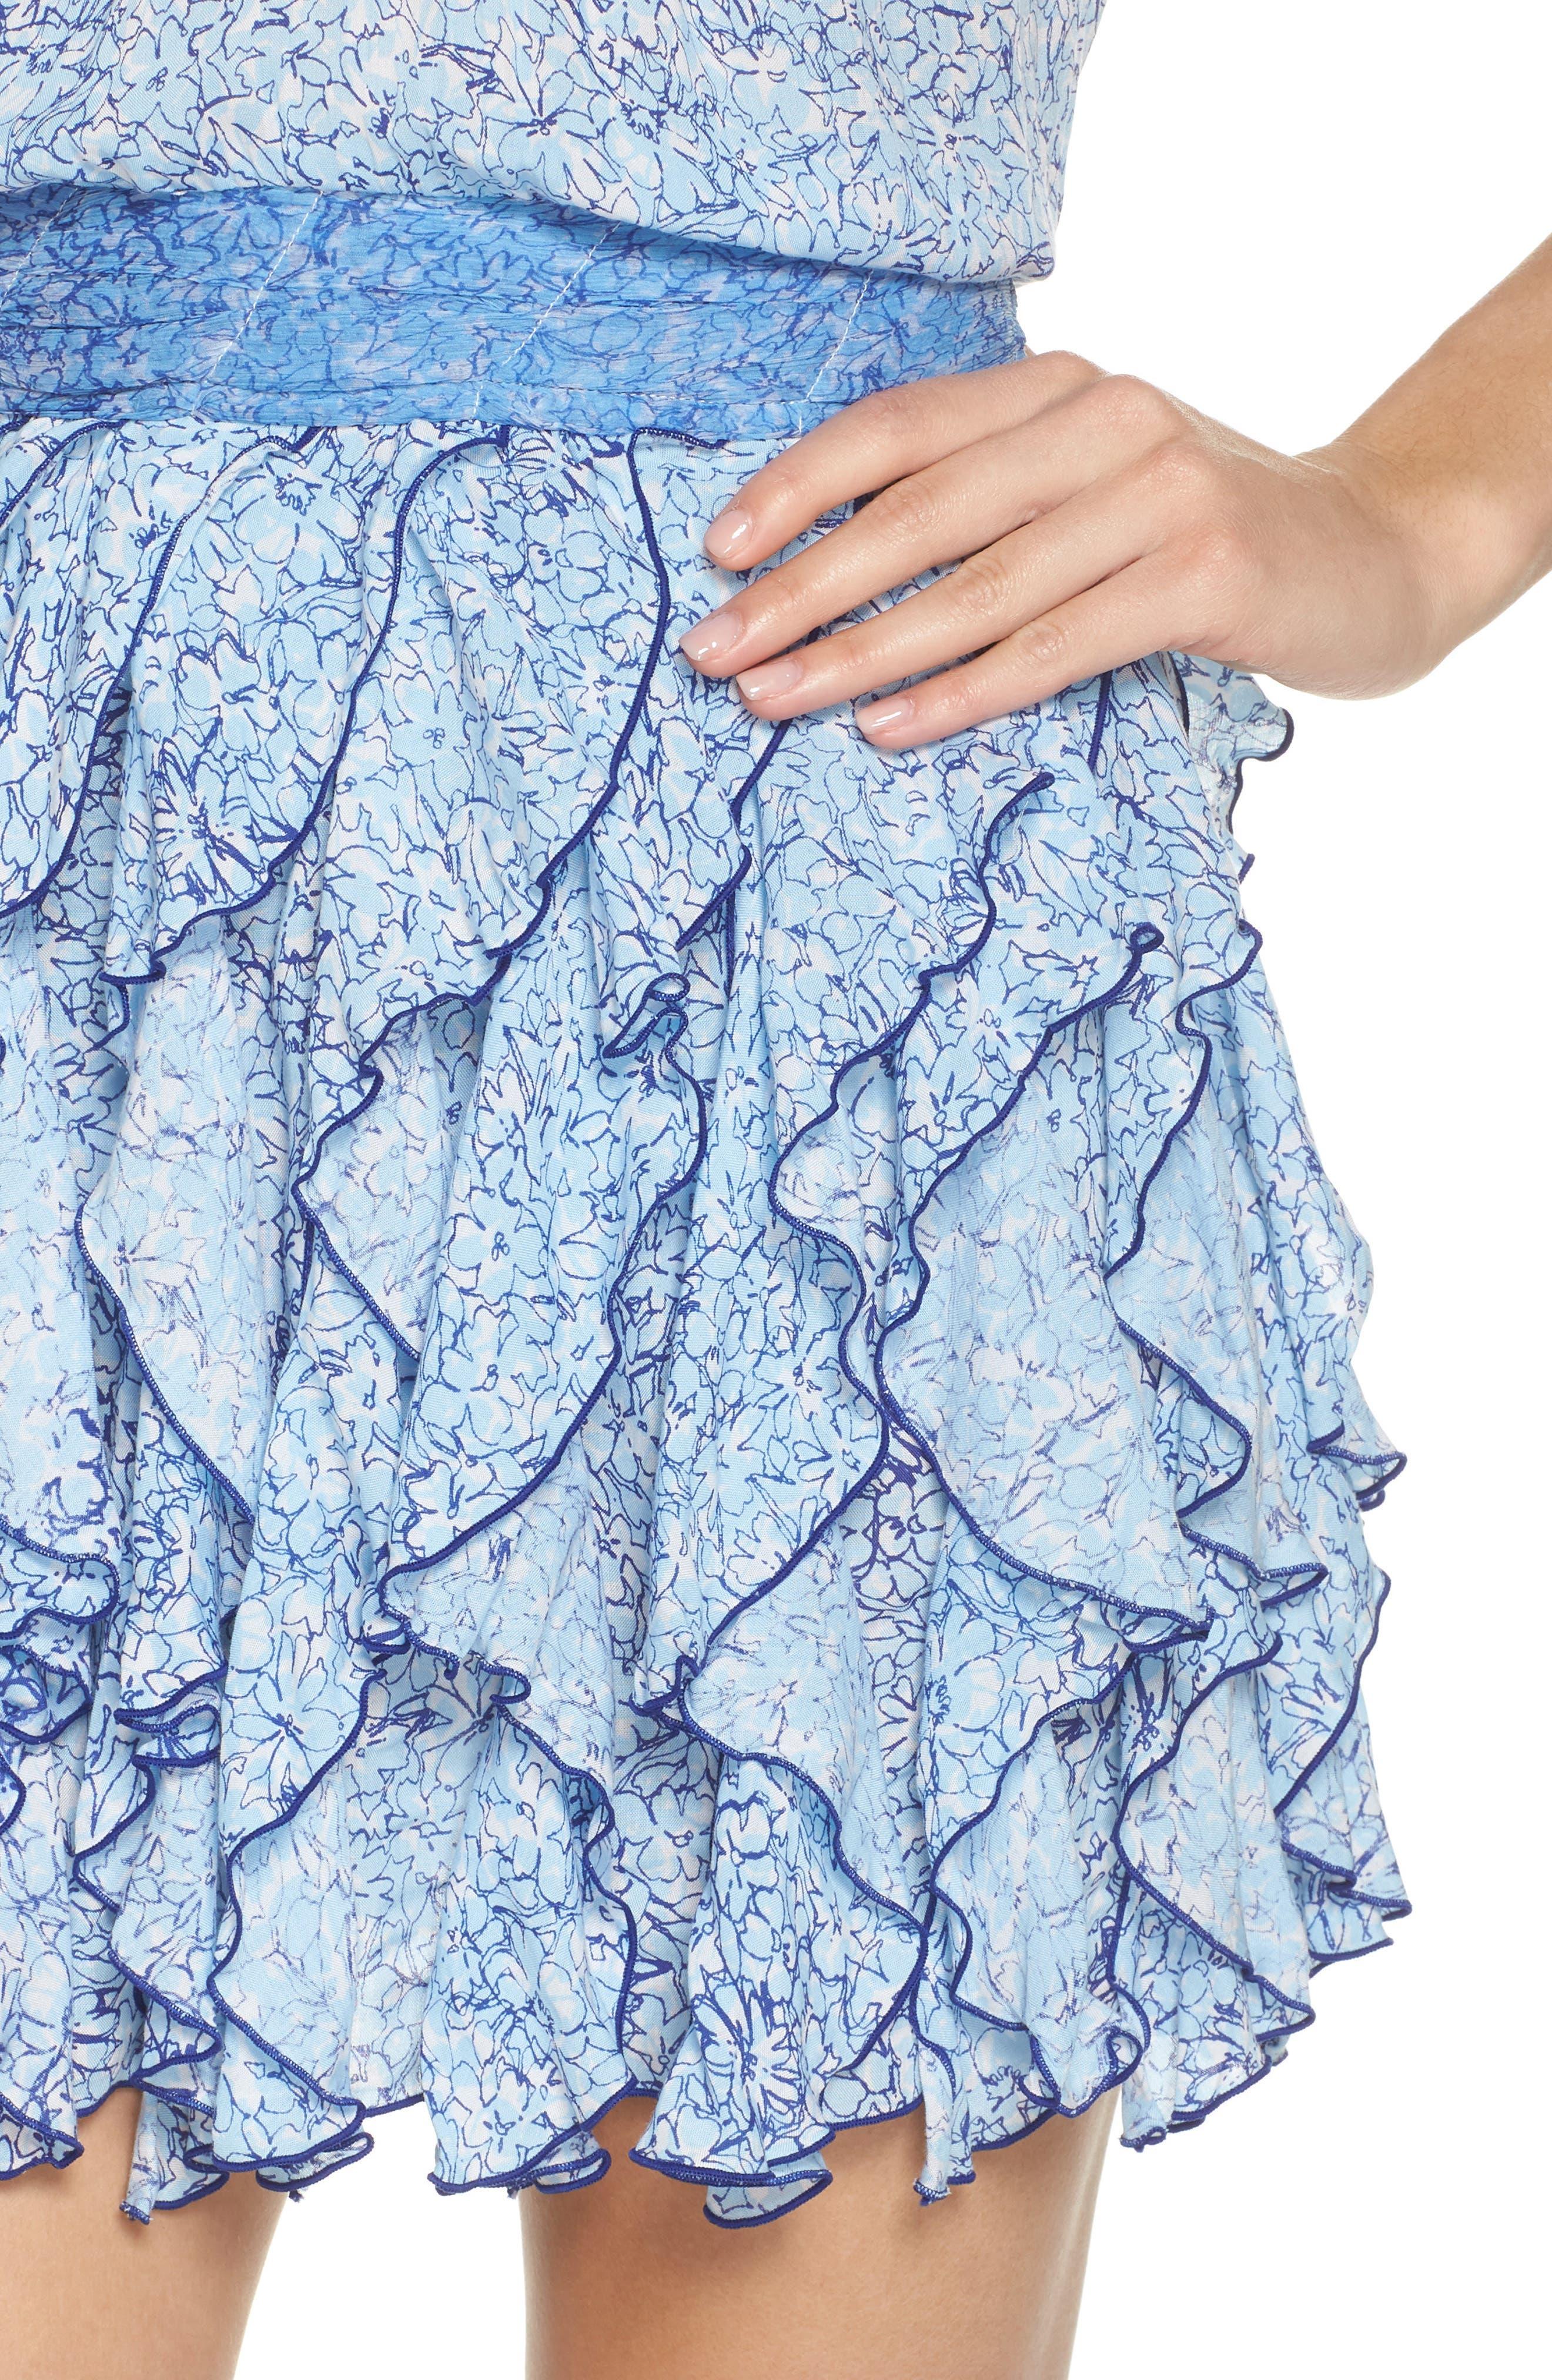 Poupette St. Barth Beline Cover-Up Dress,                             Alternate thumbnail 4, color,                             BLUE JOY